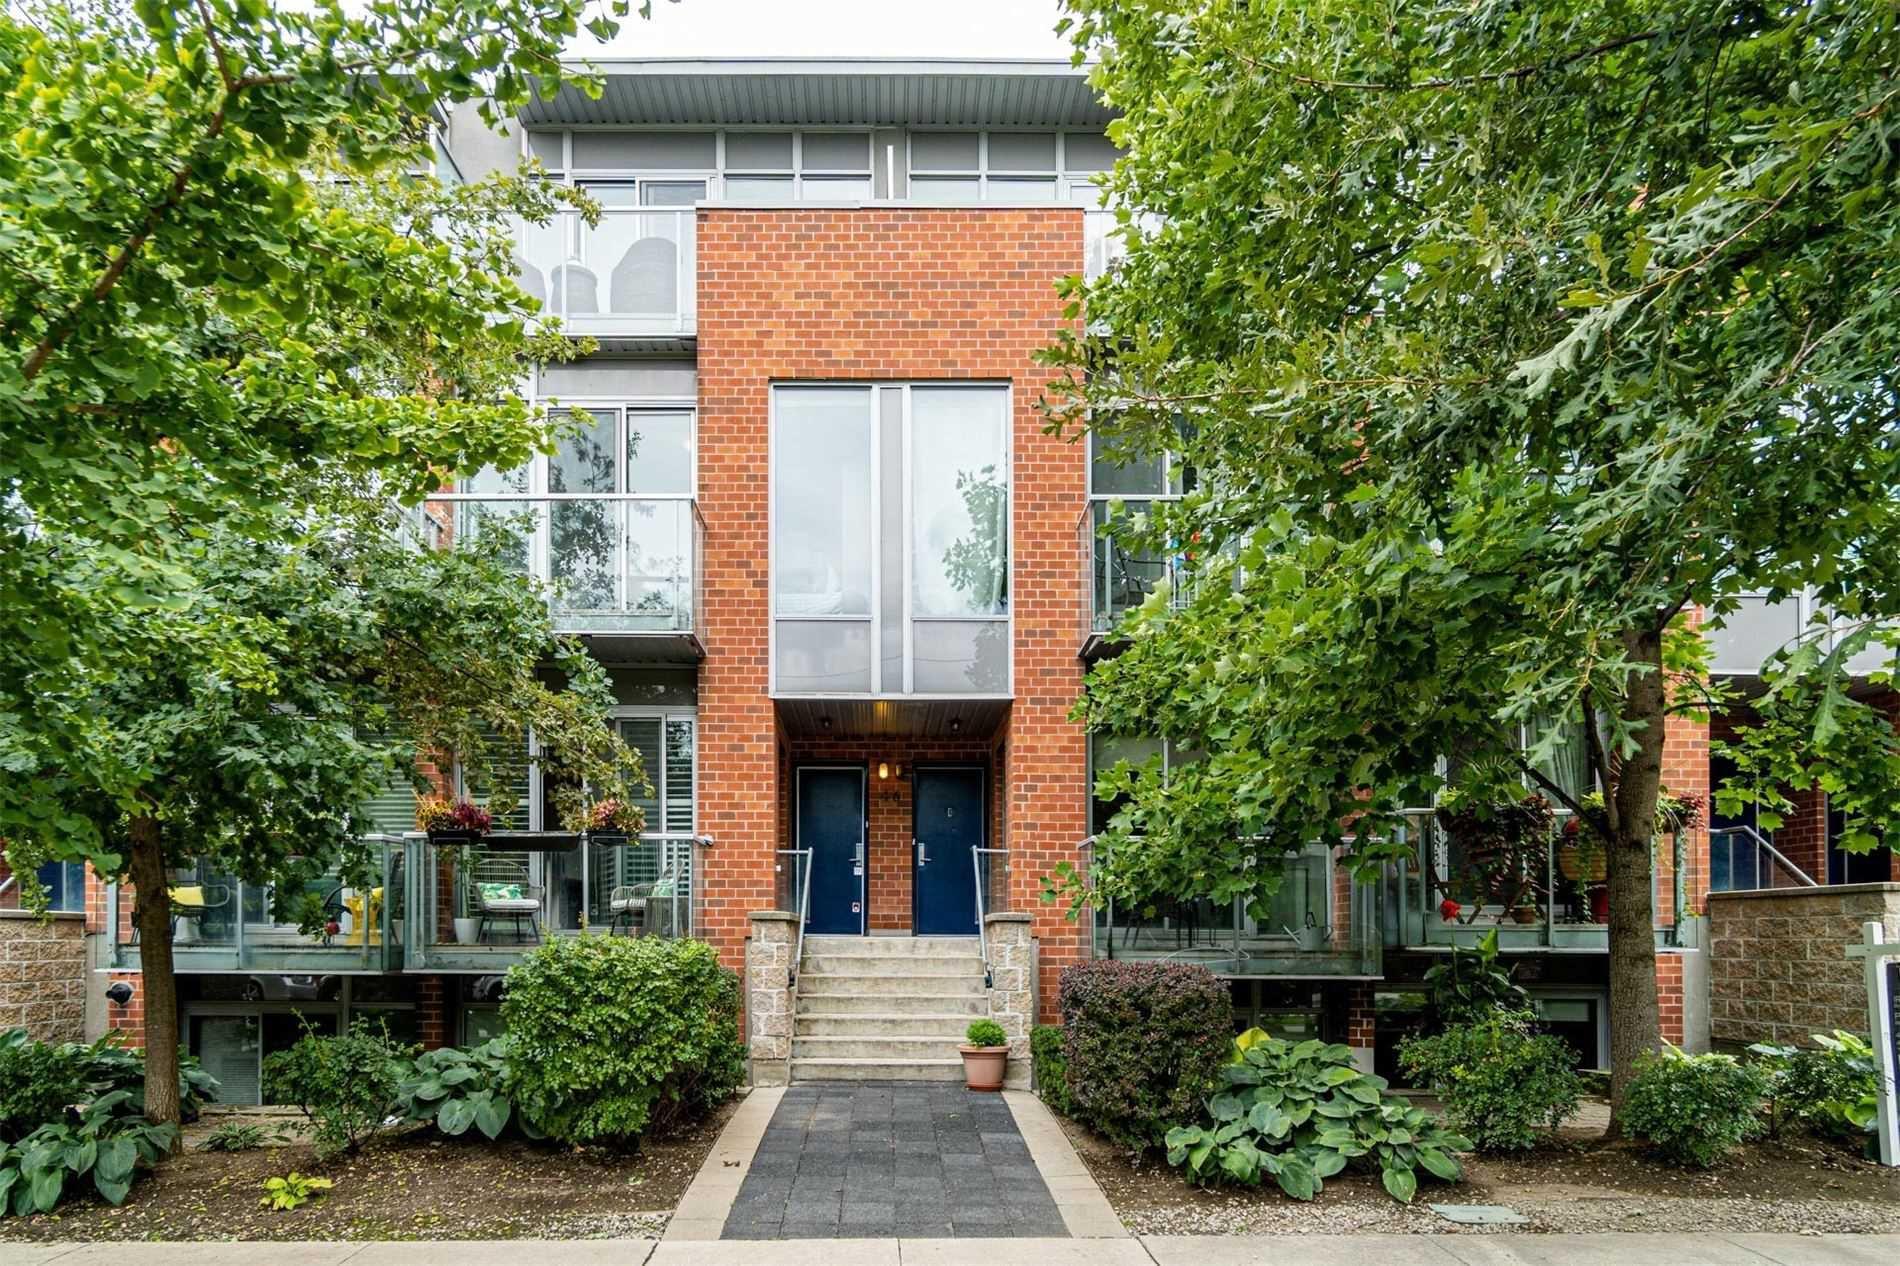 Main Photo: 3 46 Boston Avenue in Toronto: South Riverdale Condo for sale (Toronto E01)  : MLS®# E4915117